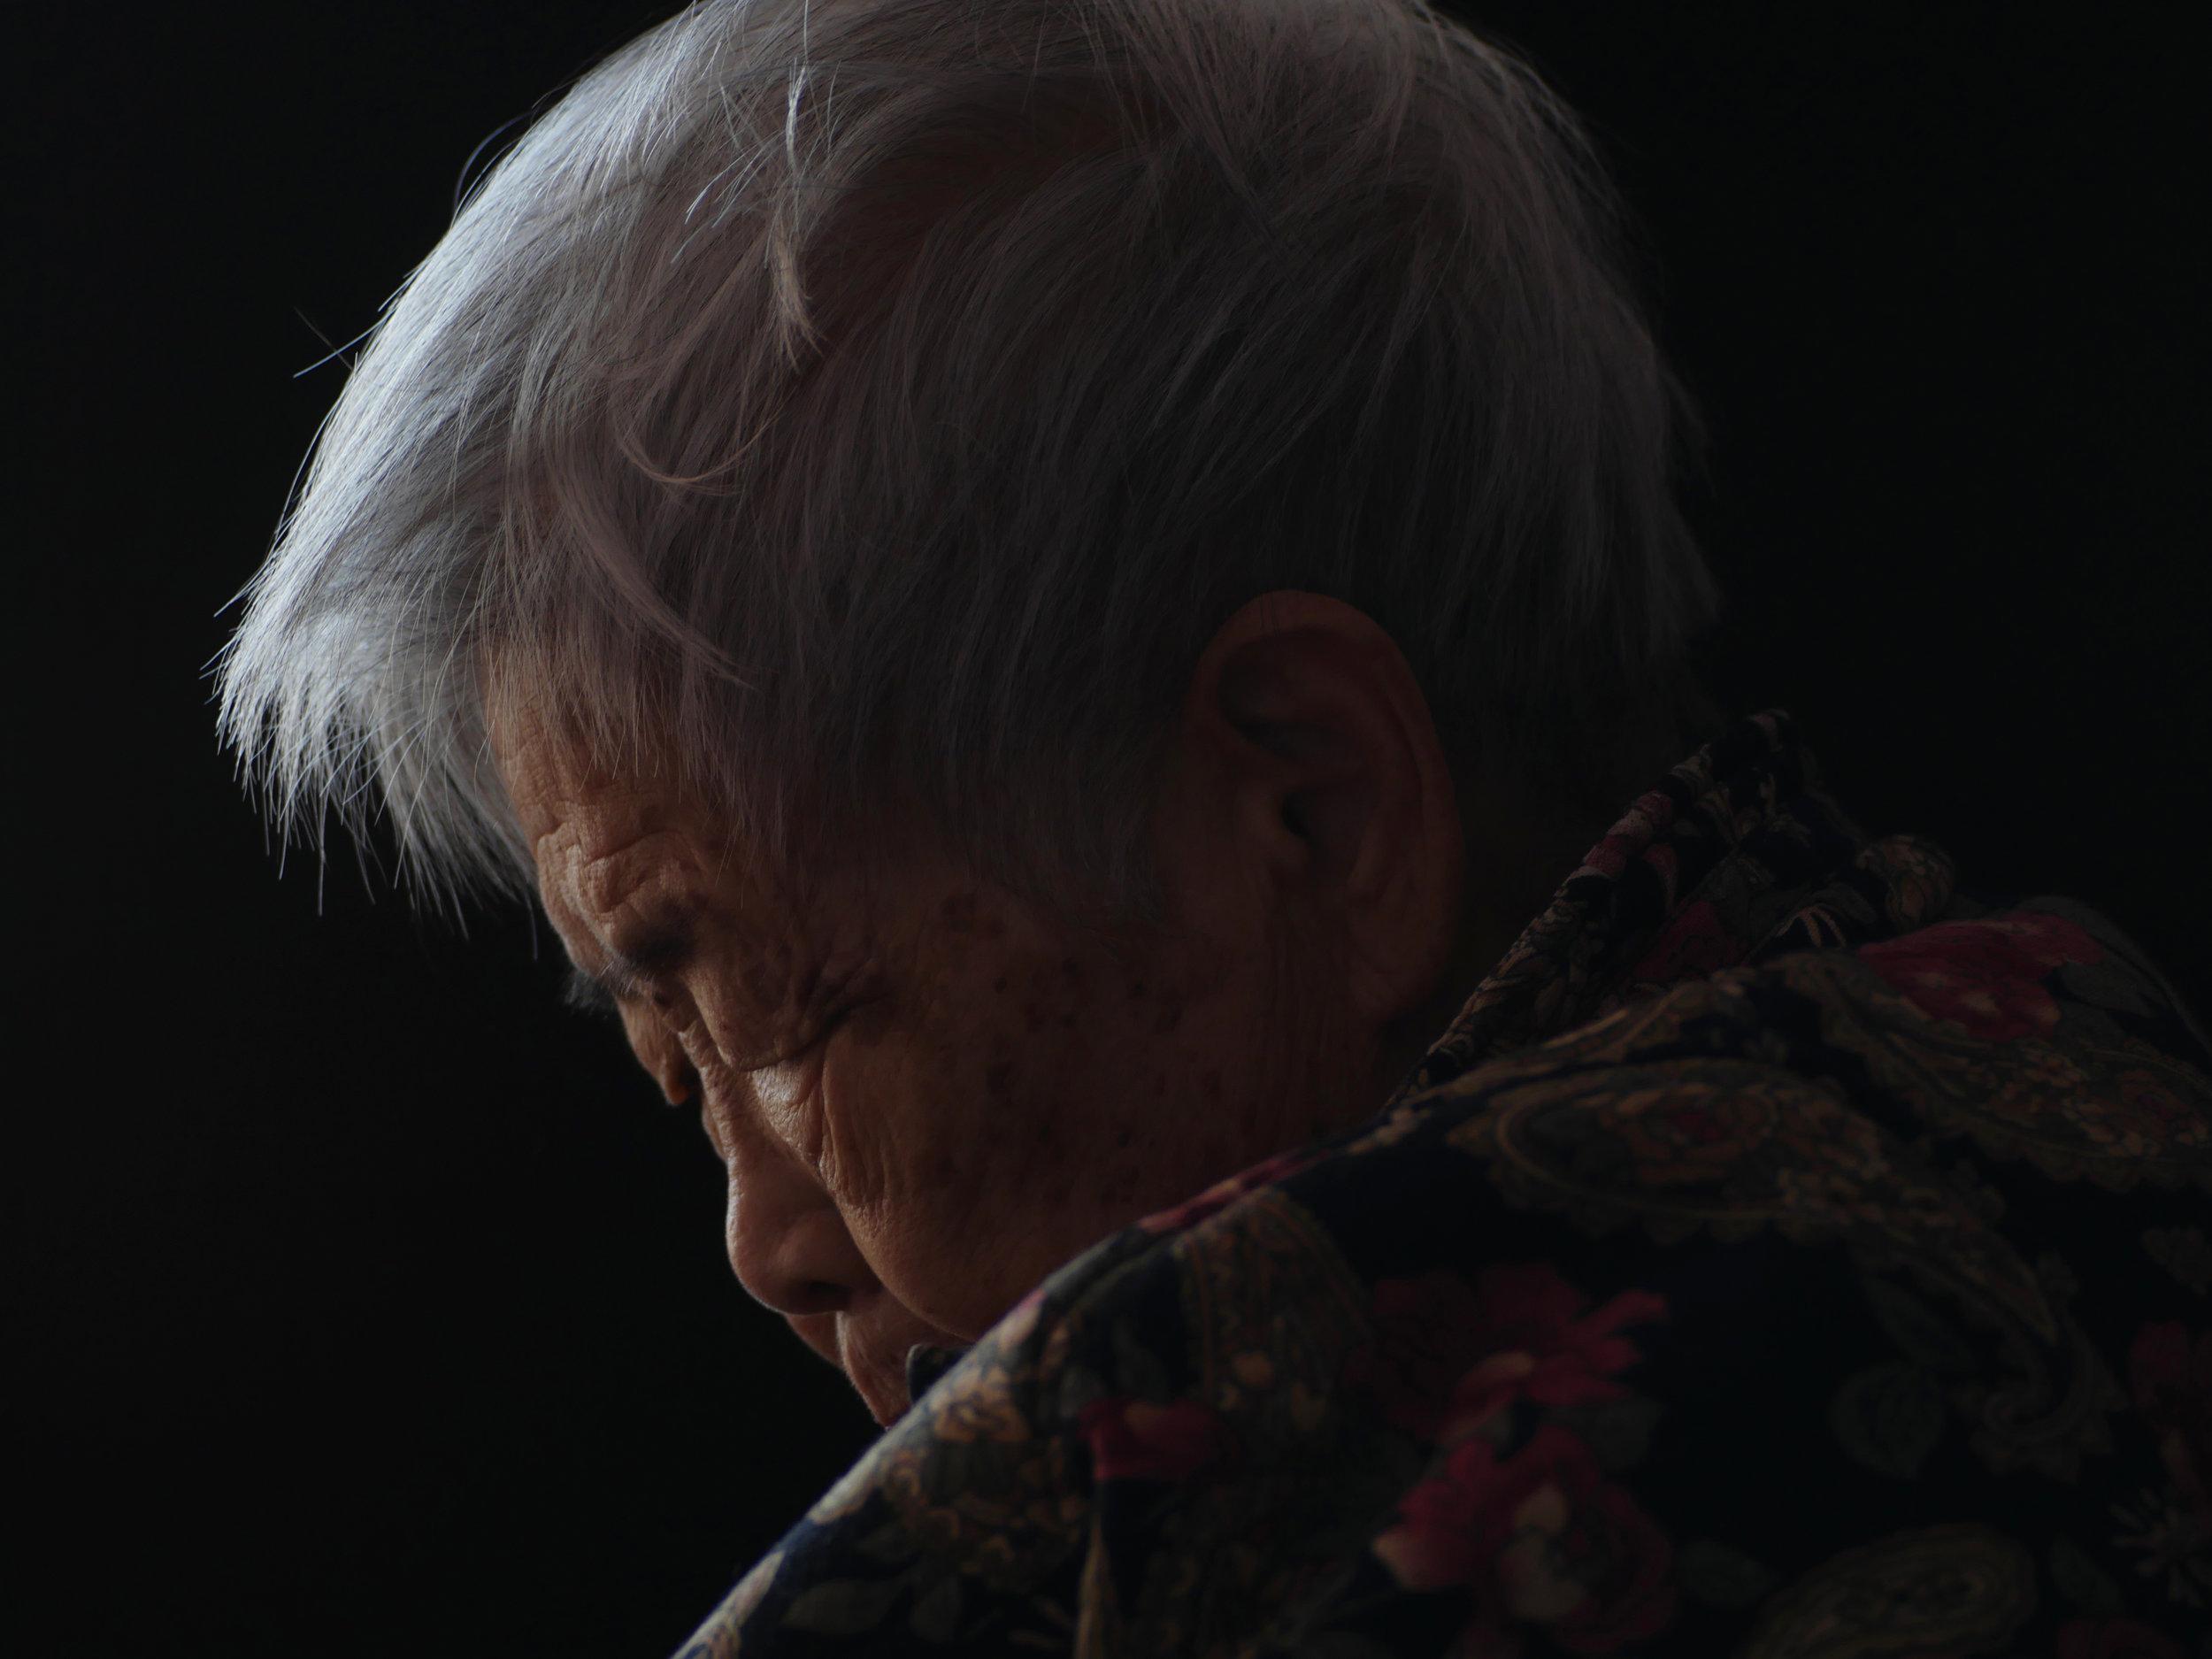 雷素云+剧照2.JPG